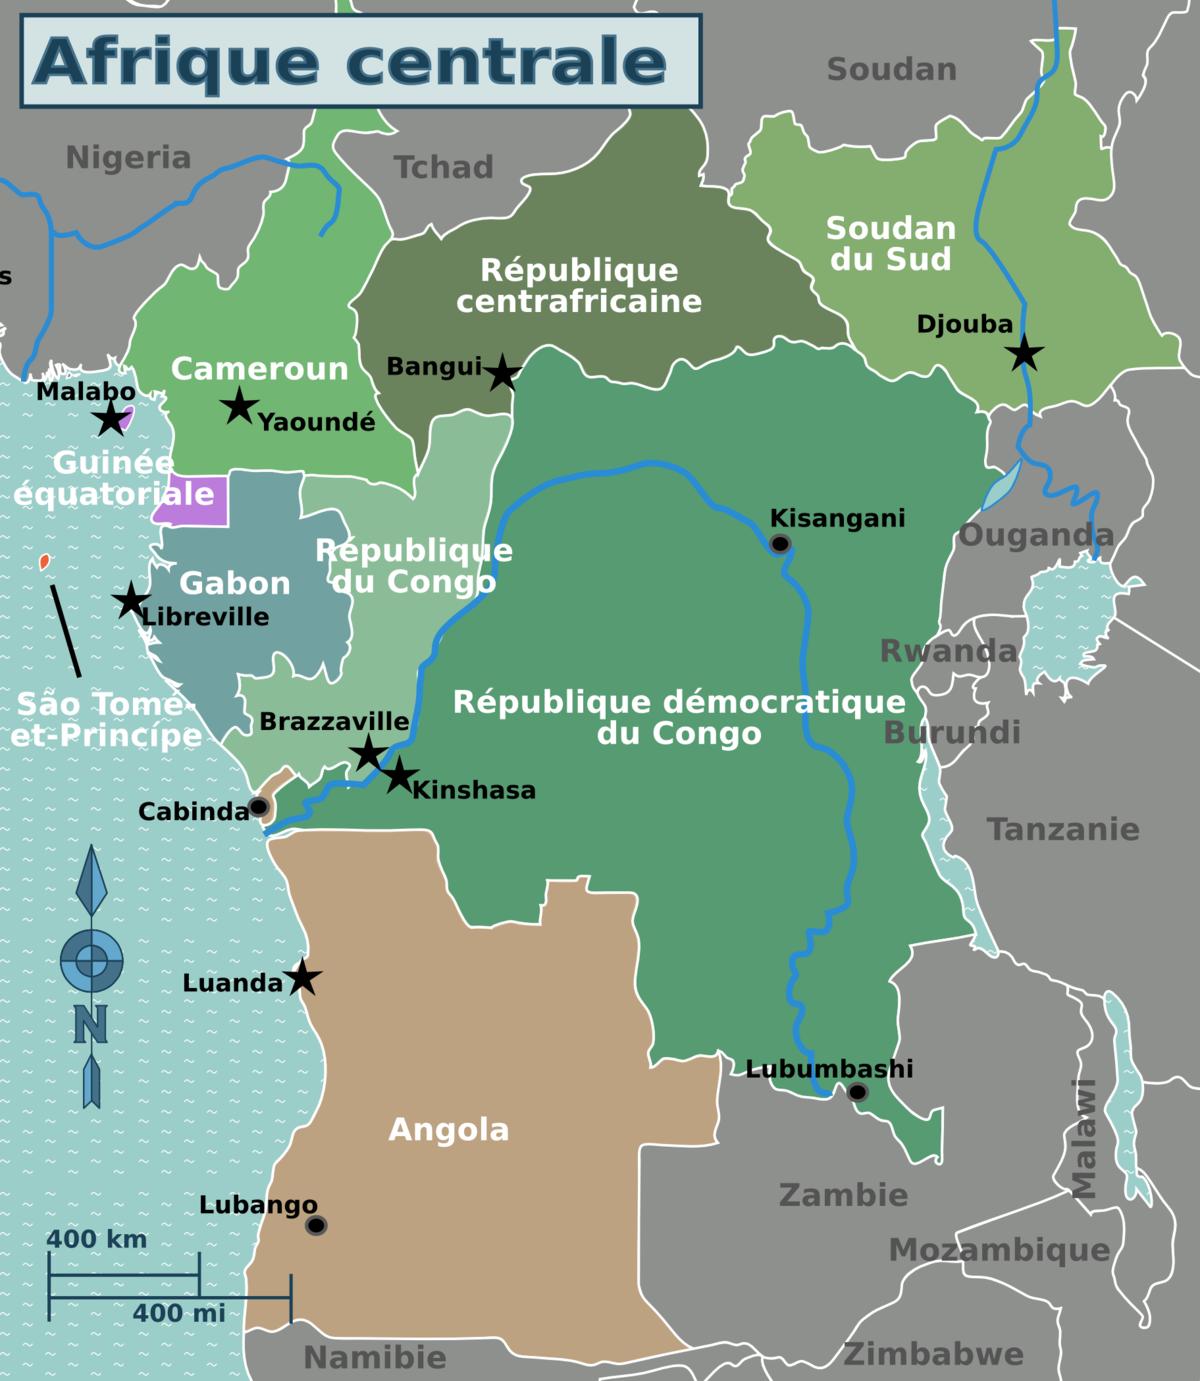 afrique-centrale